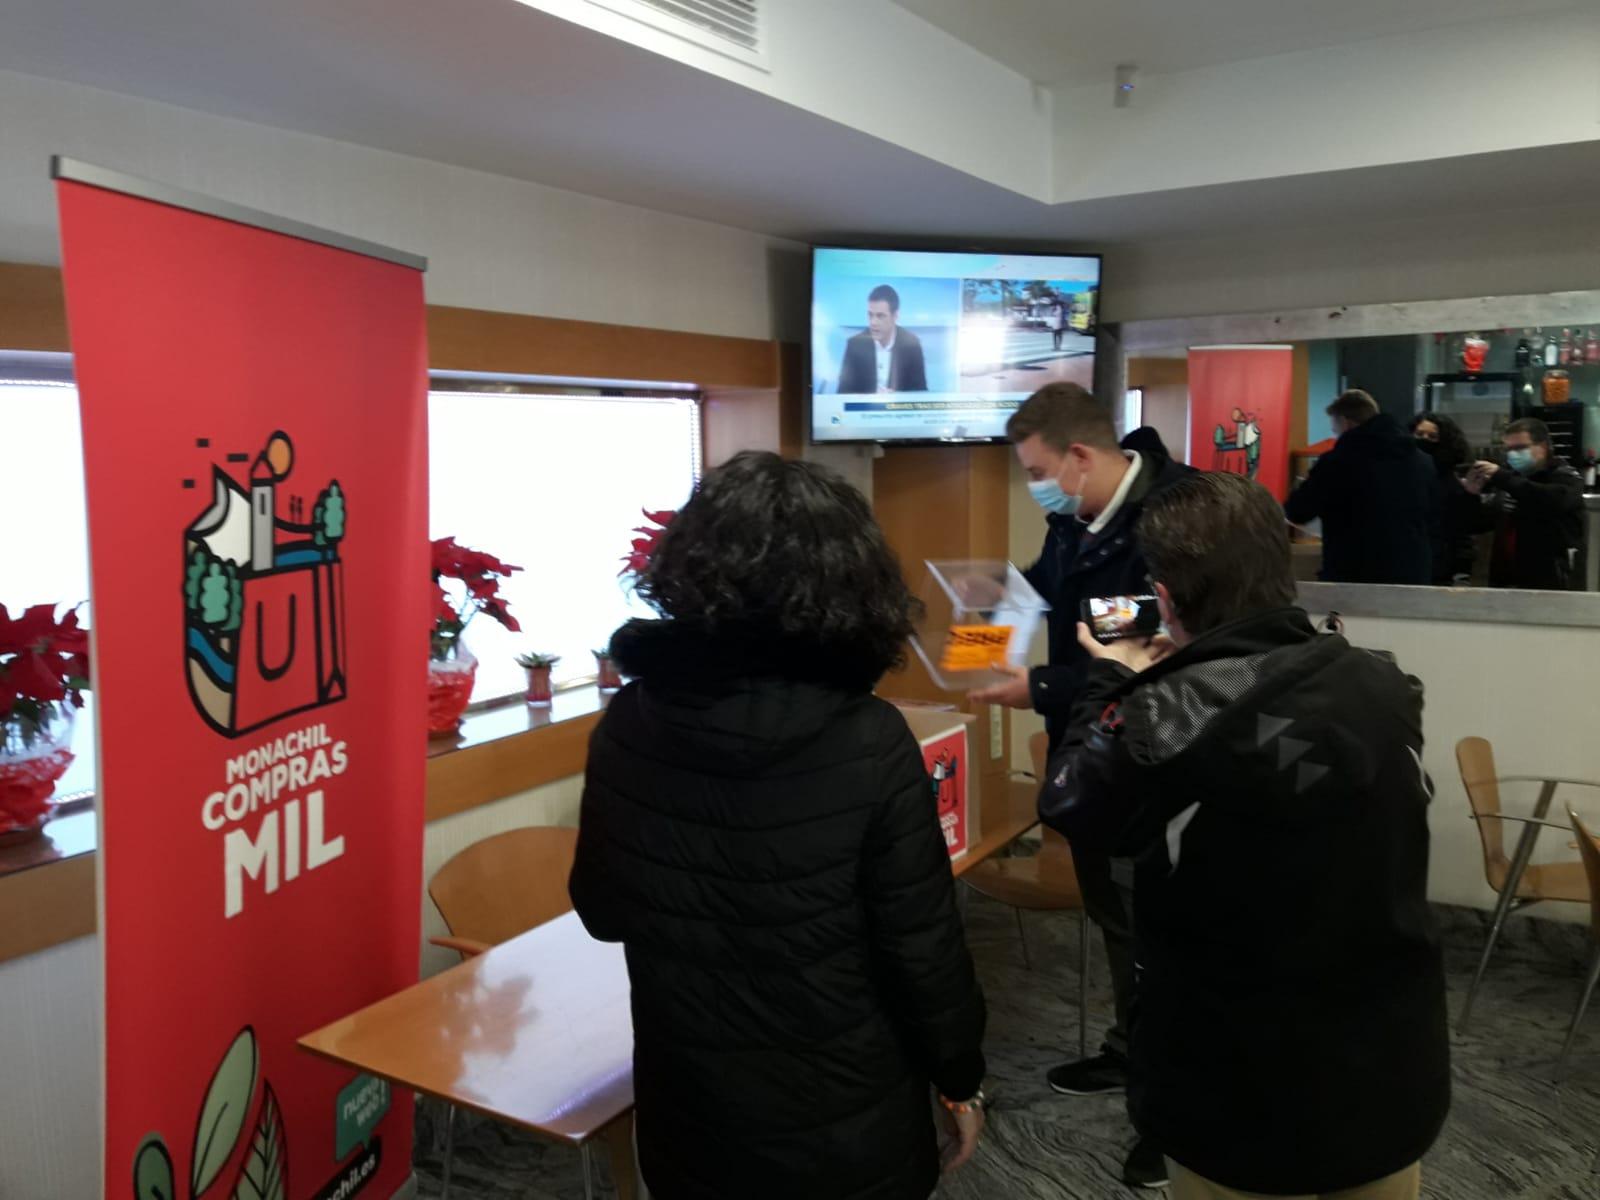 La campaña de bonos de compra del Ayuntamiento inyecta casi 17.000 euros en el comercio local de Monachil